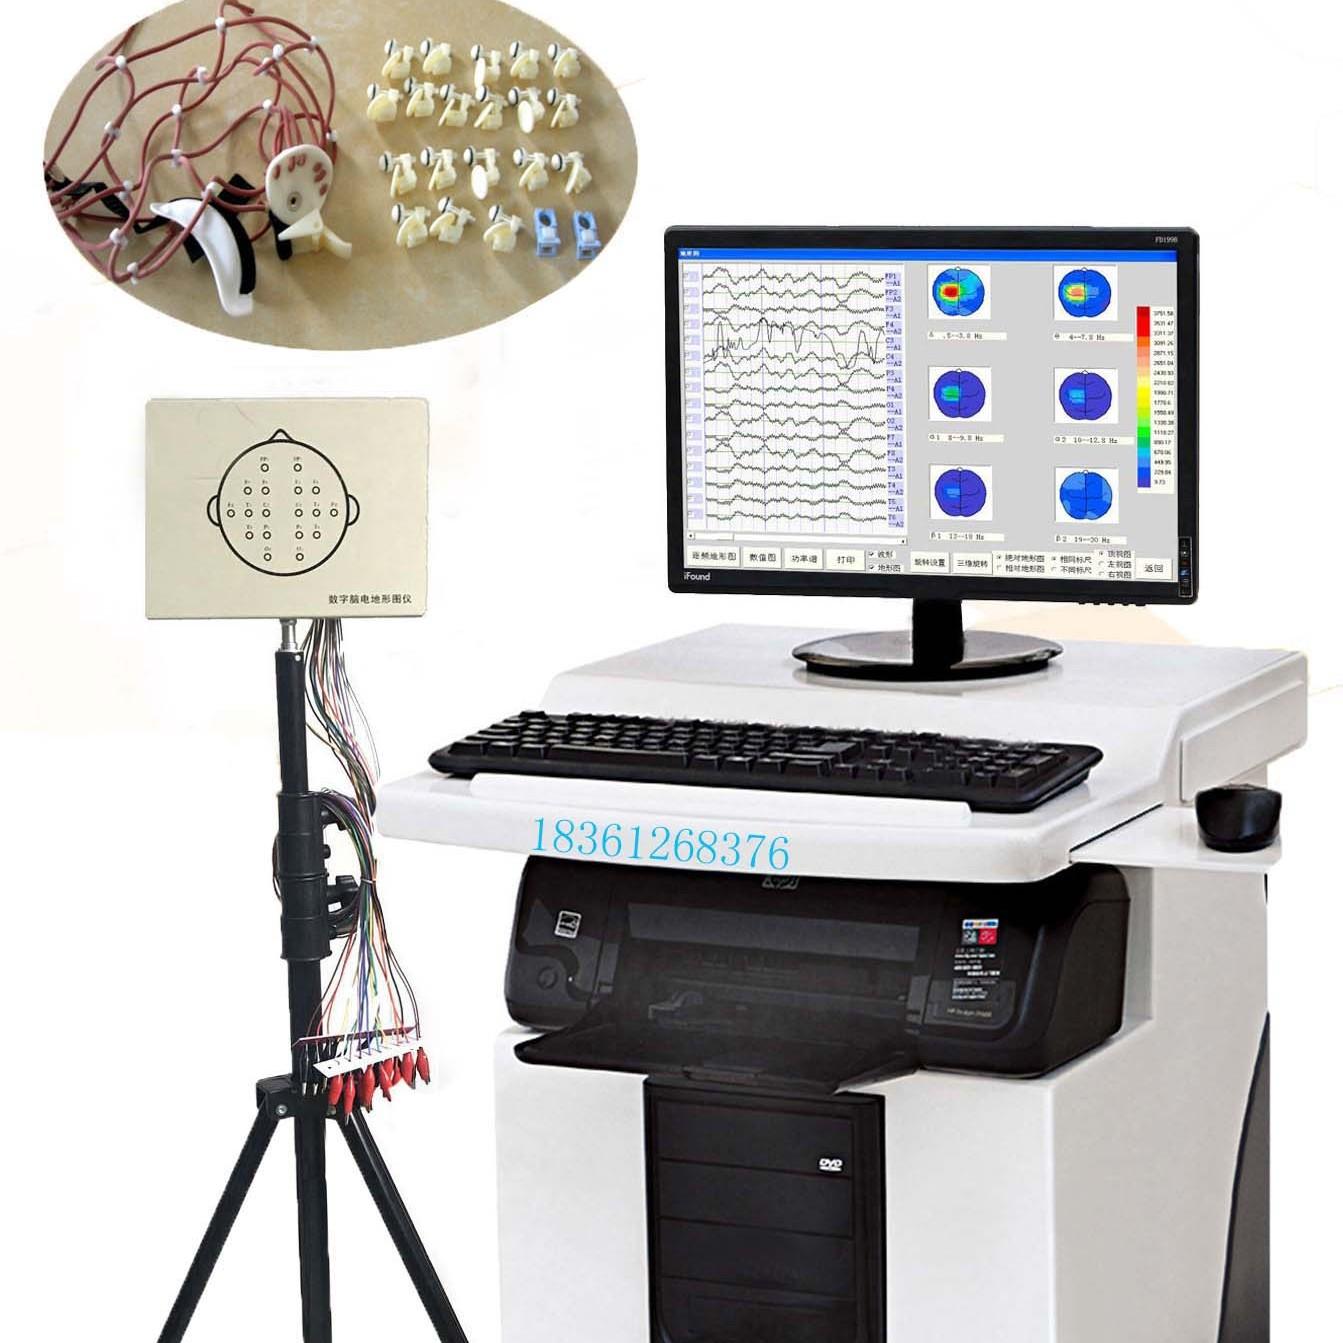 江苏瑞华生产EEG-A型数字彩色脑电图仪价格